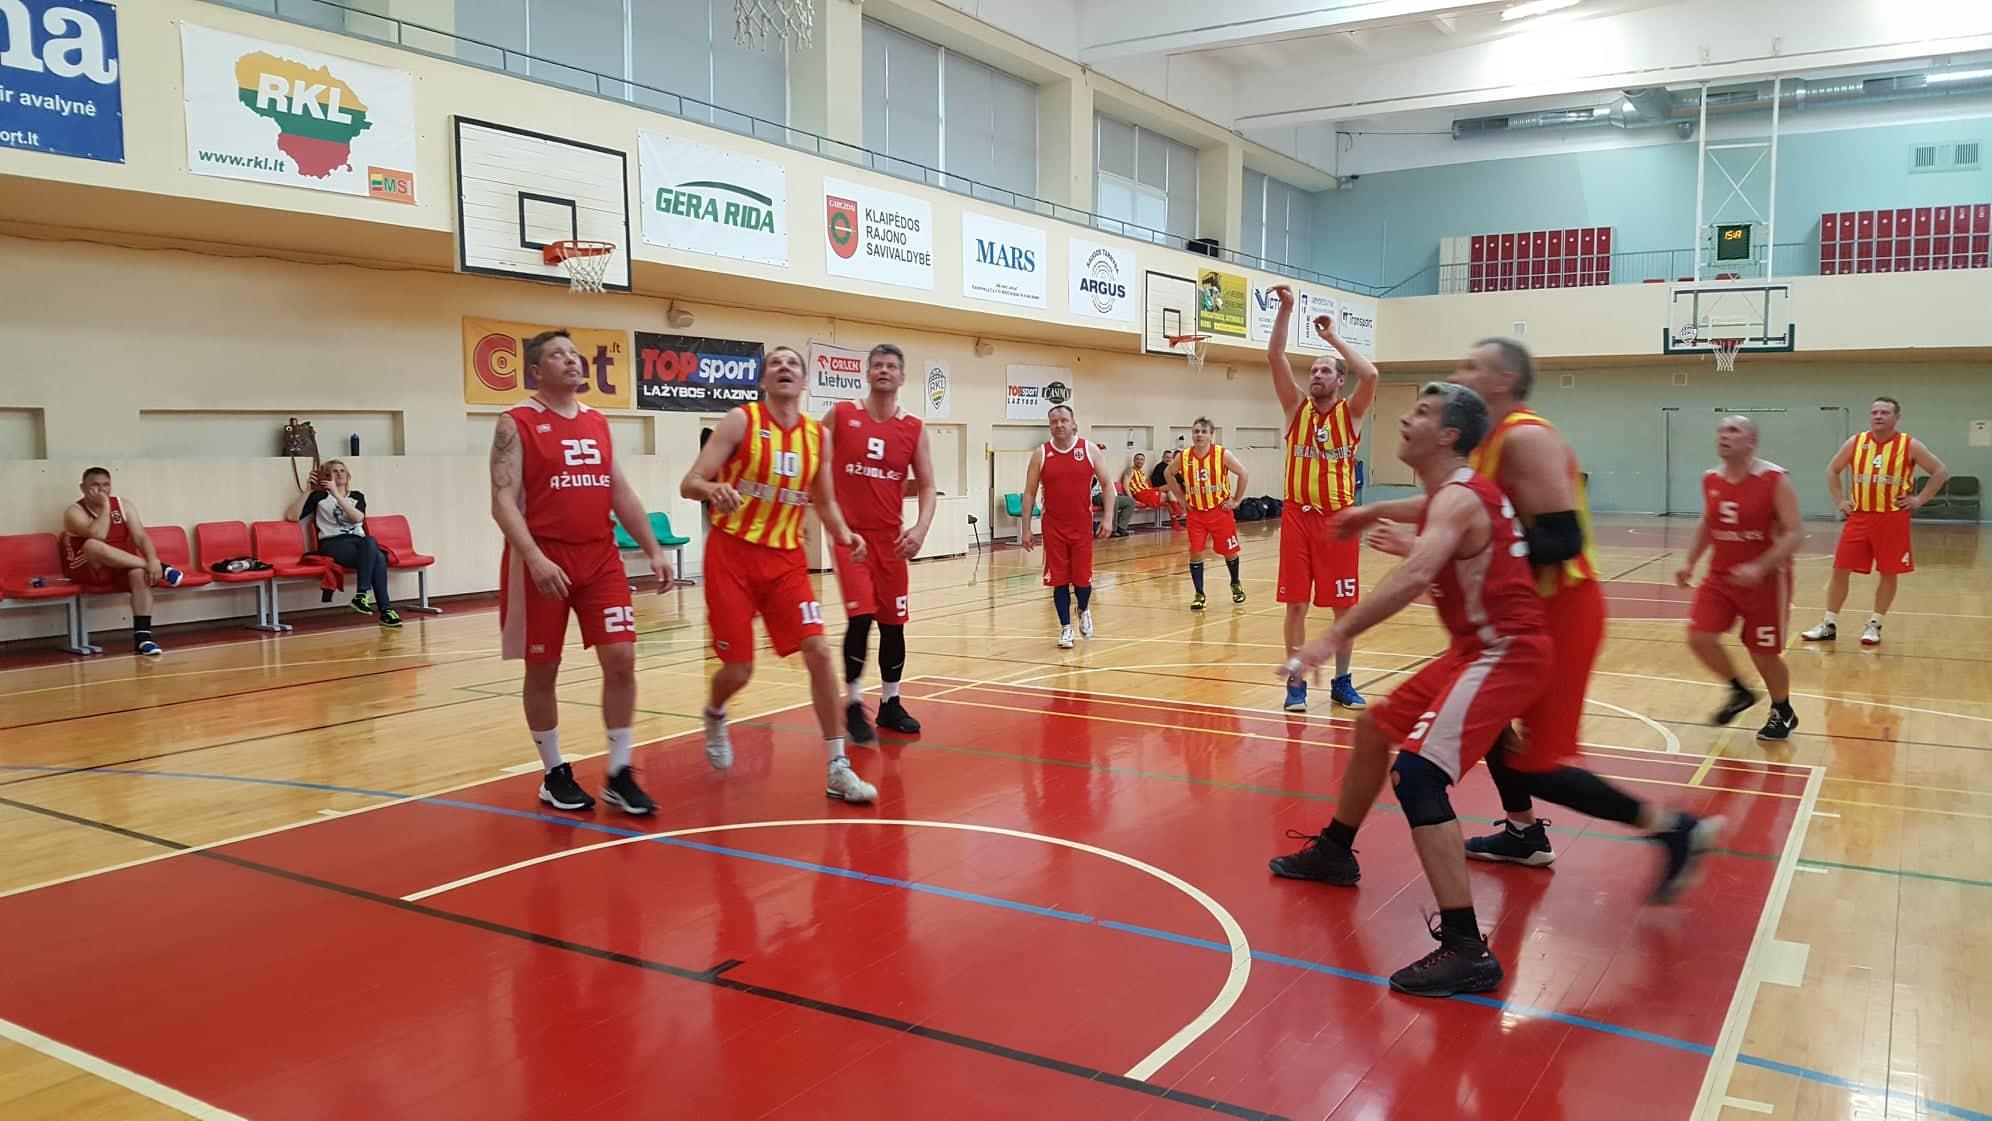 Rajono veteranų krepšinio pirmenybės – finišo tiesiojoje